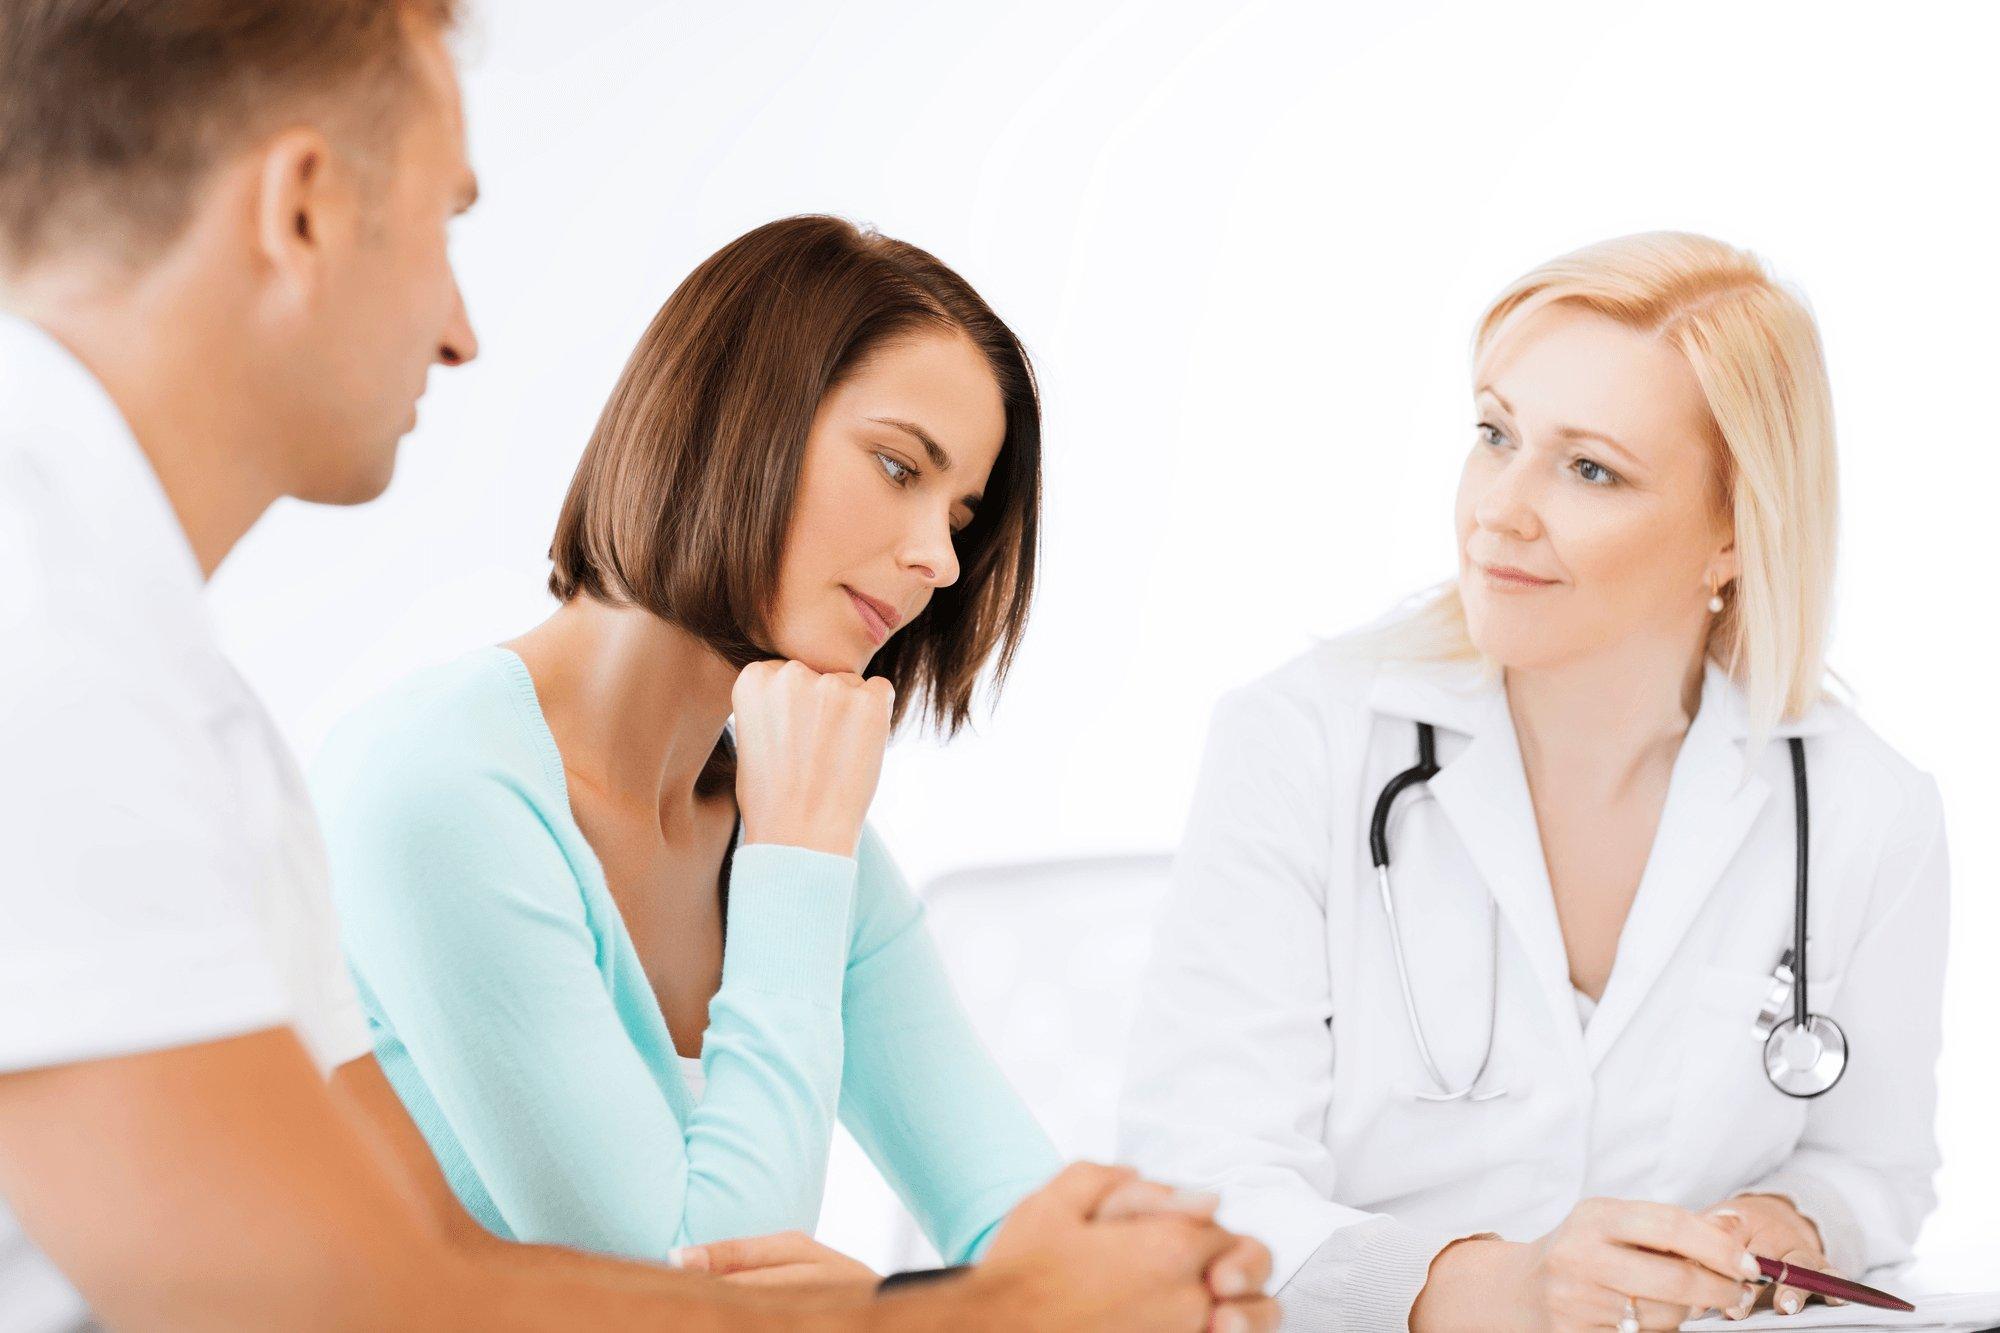 késleltetheti a fogyás az ovulációt fekélye súlycsökkenést okozhat